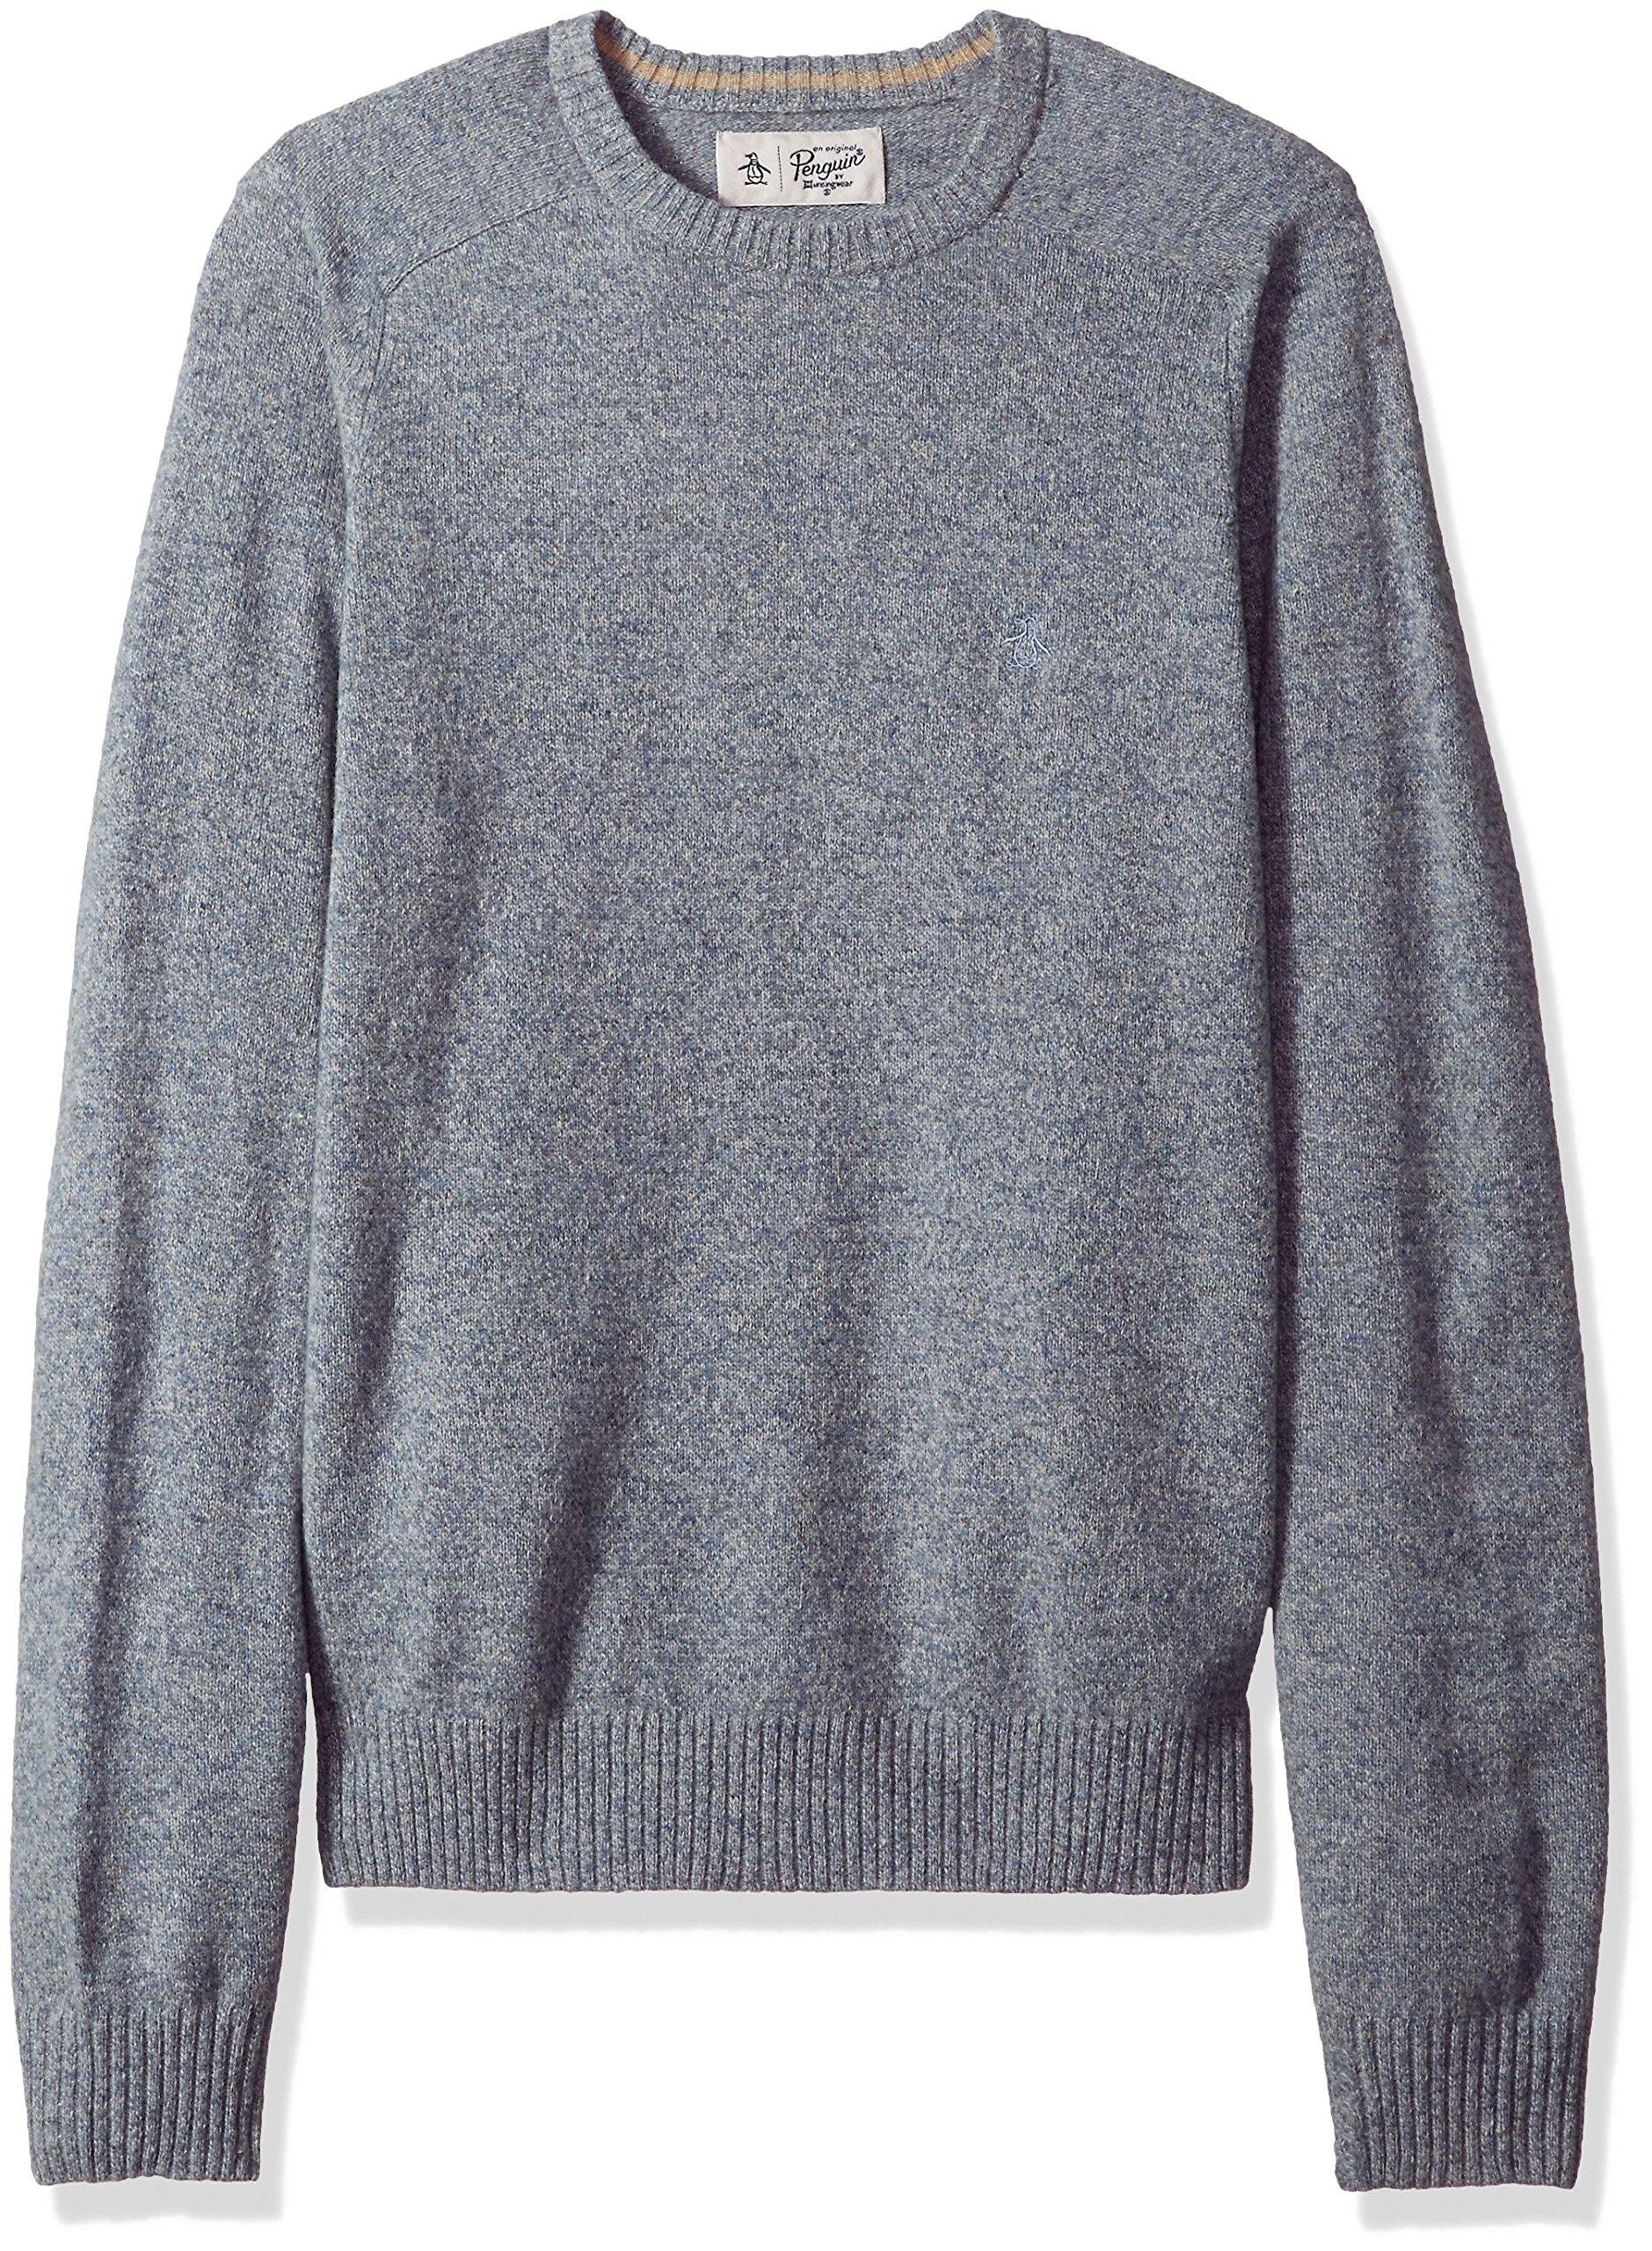 Original Penguin Men's Solid Lambswool Crew Sweater, Faded Denim, Medium